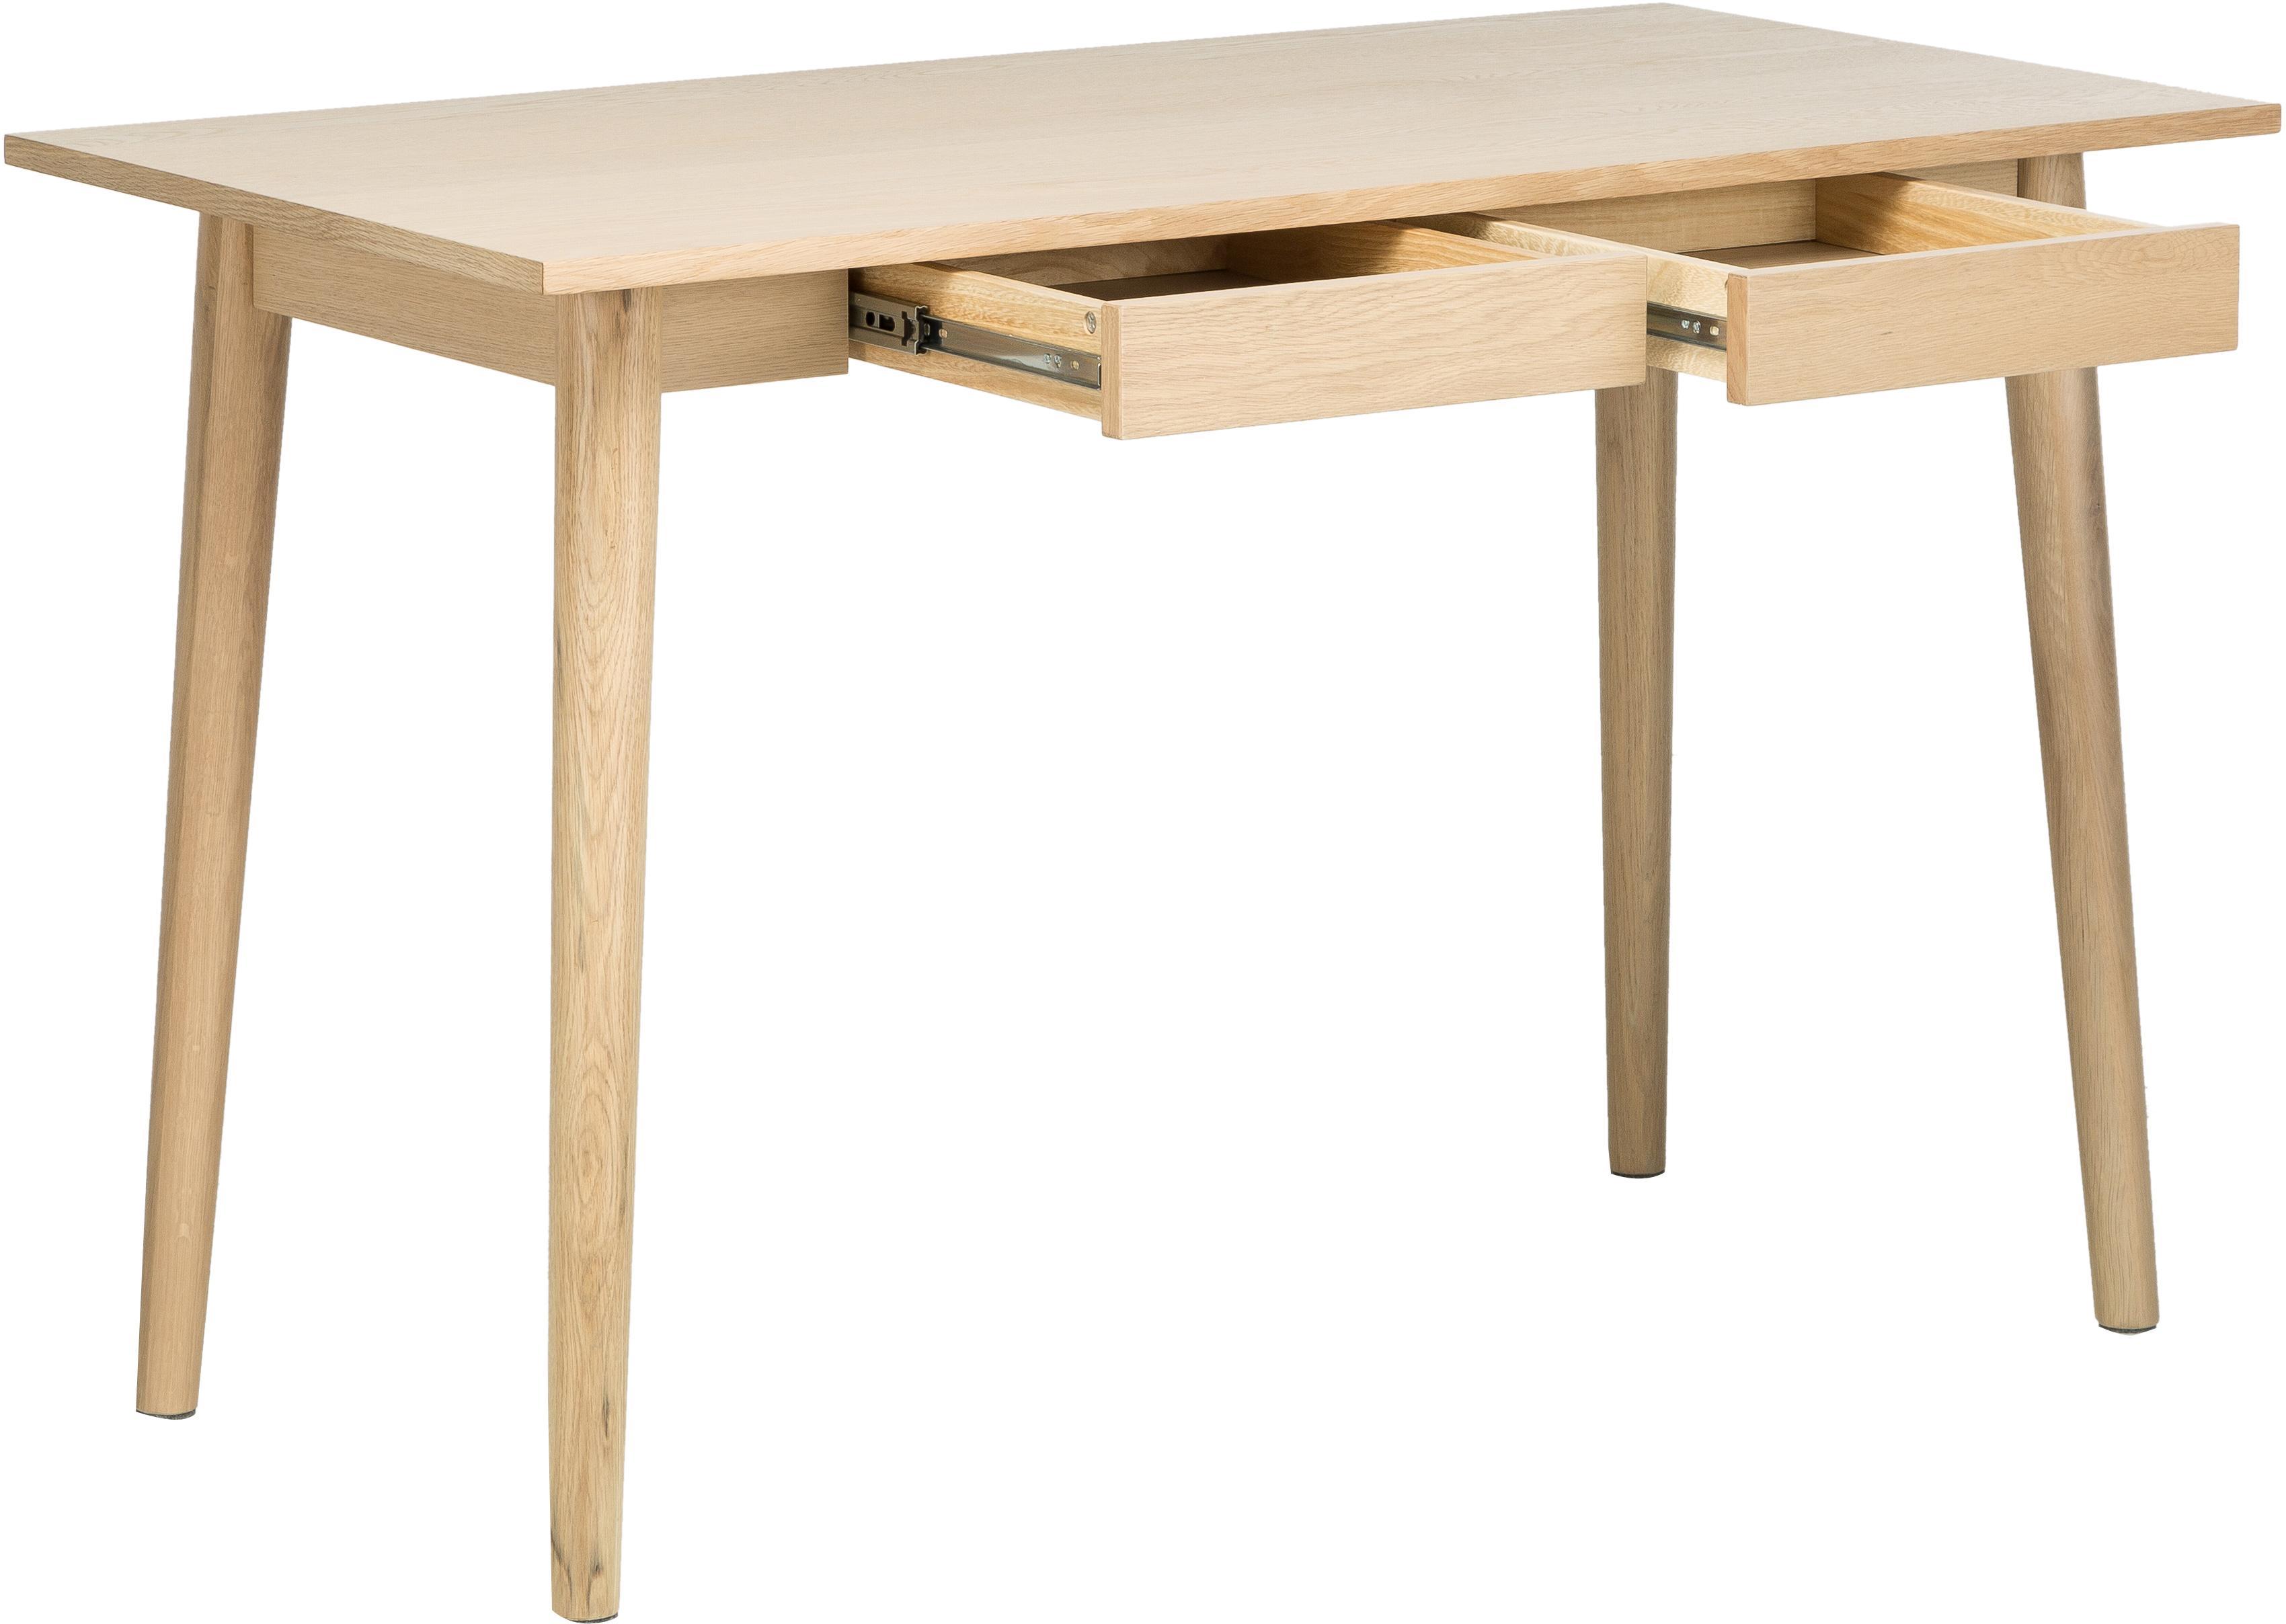 Kleiner Schreibtisch Marte aus Eiche, Tischplatte: Mitteldichte Holzfaserpla, Eichenholz, weißpigmentiert, B 120 x T 60 cm